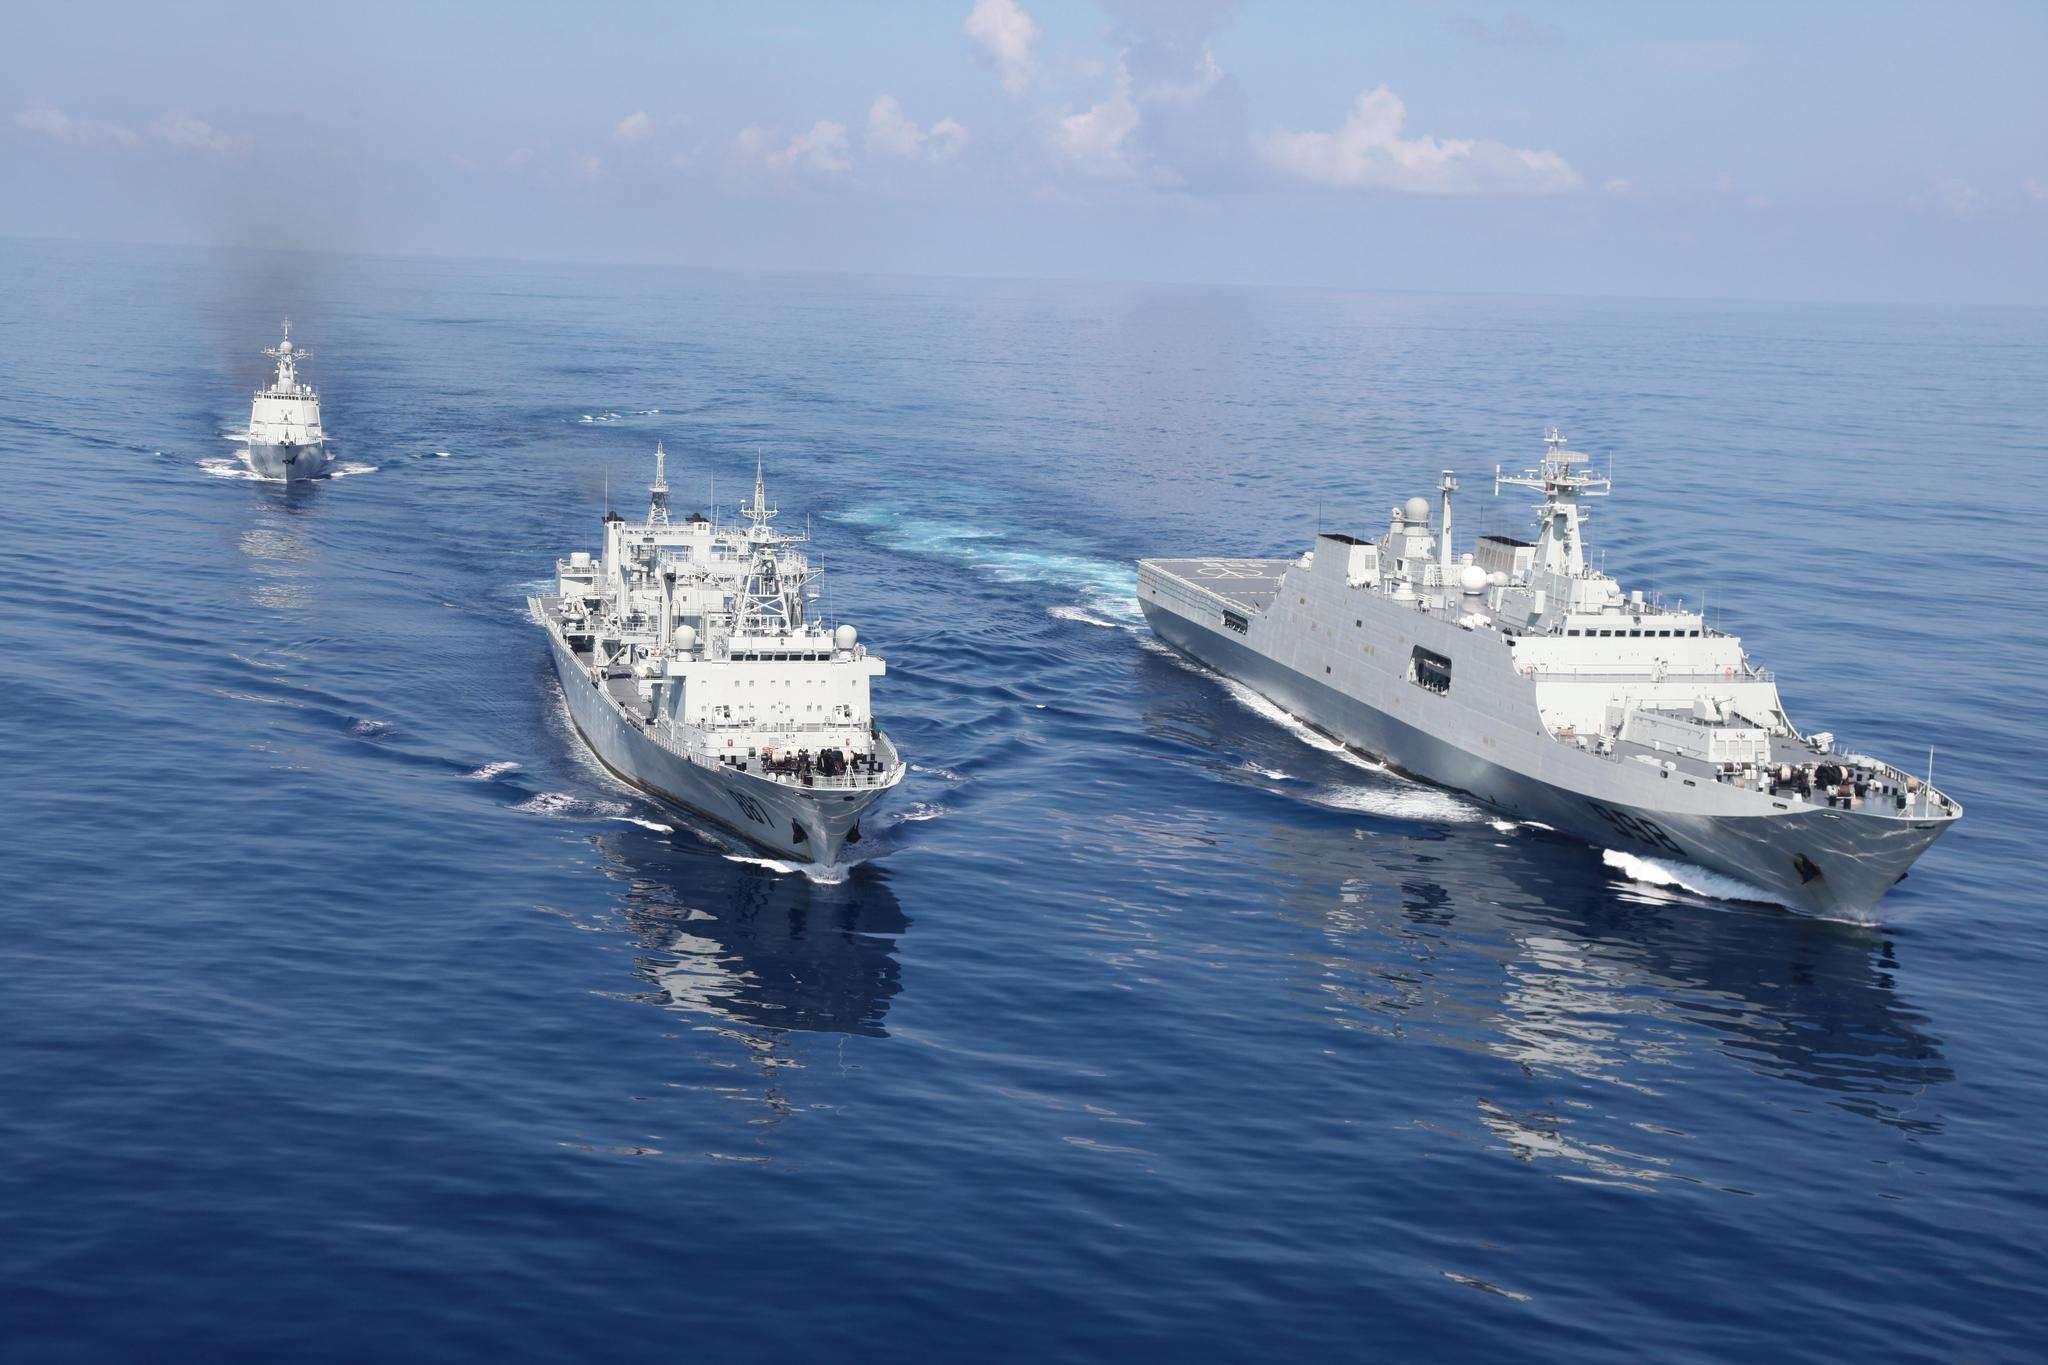 史上首次,中国大量军机抵近马来西亚巡航,传递了一个什么信号?